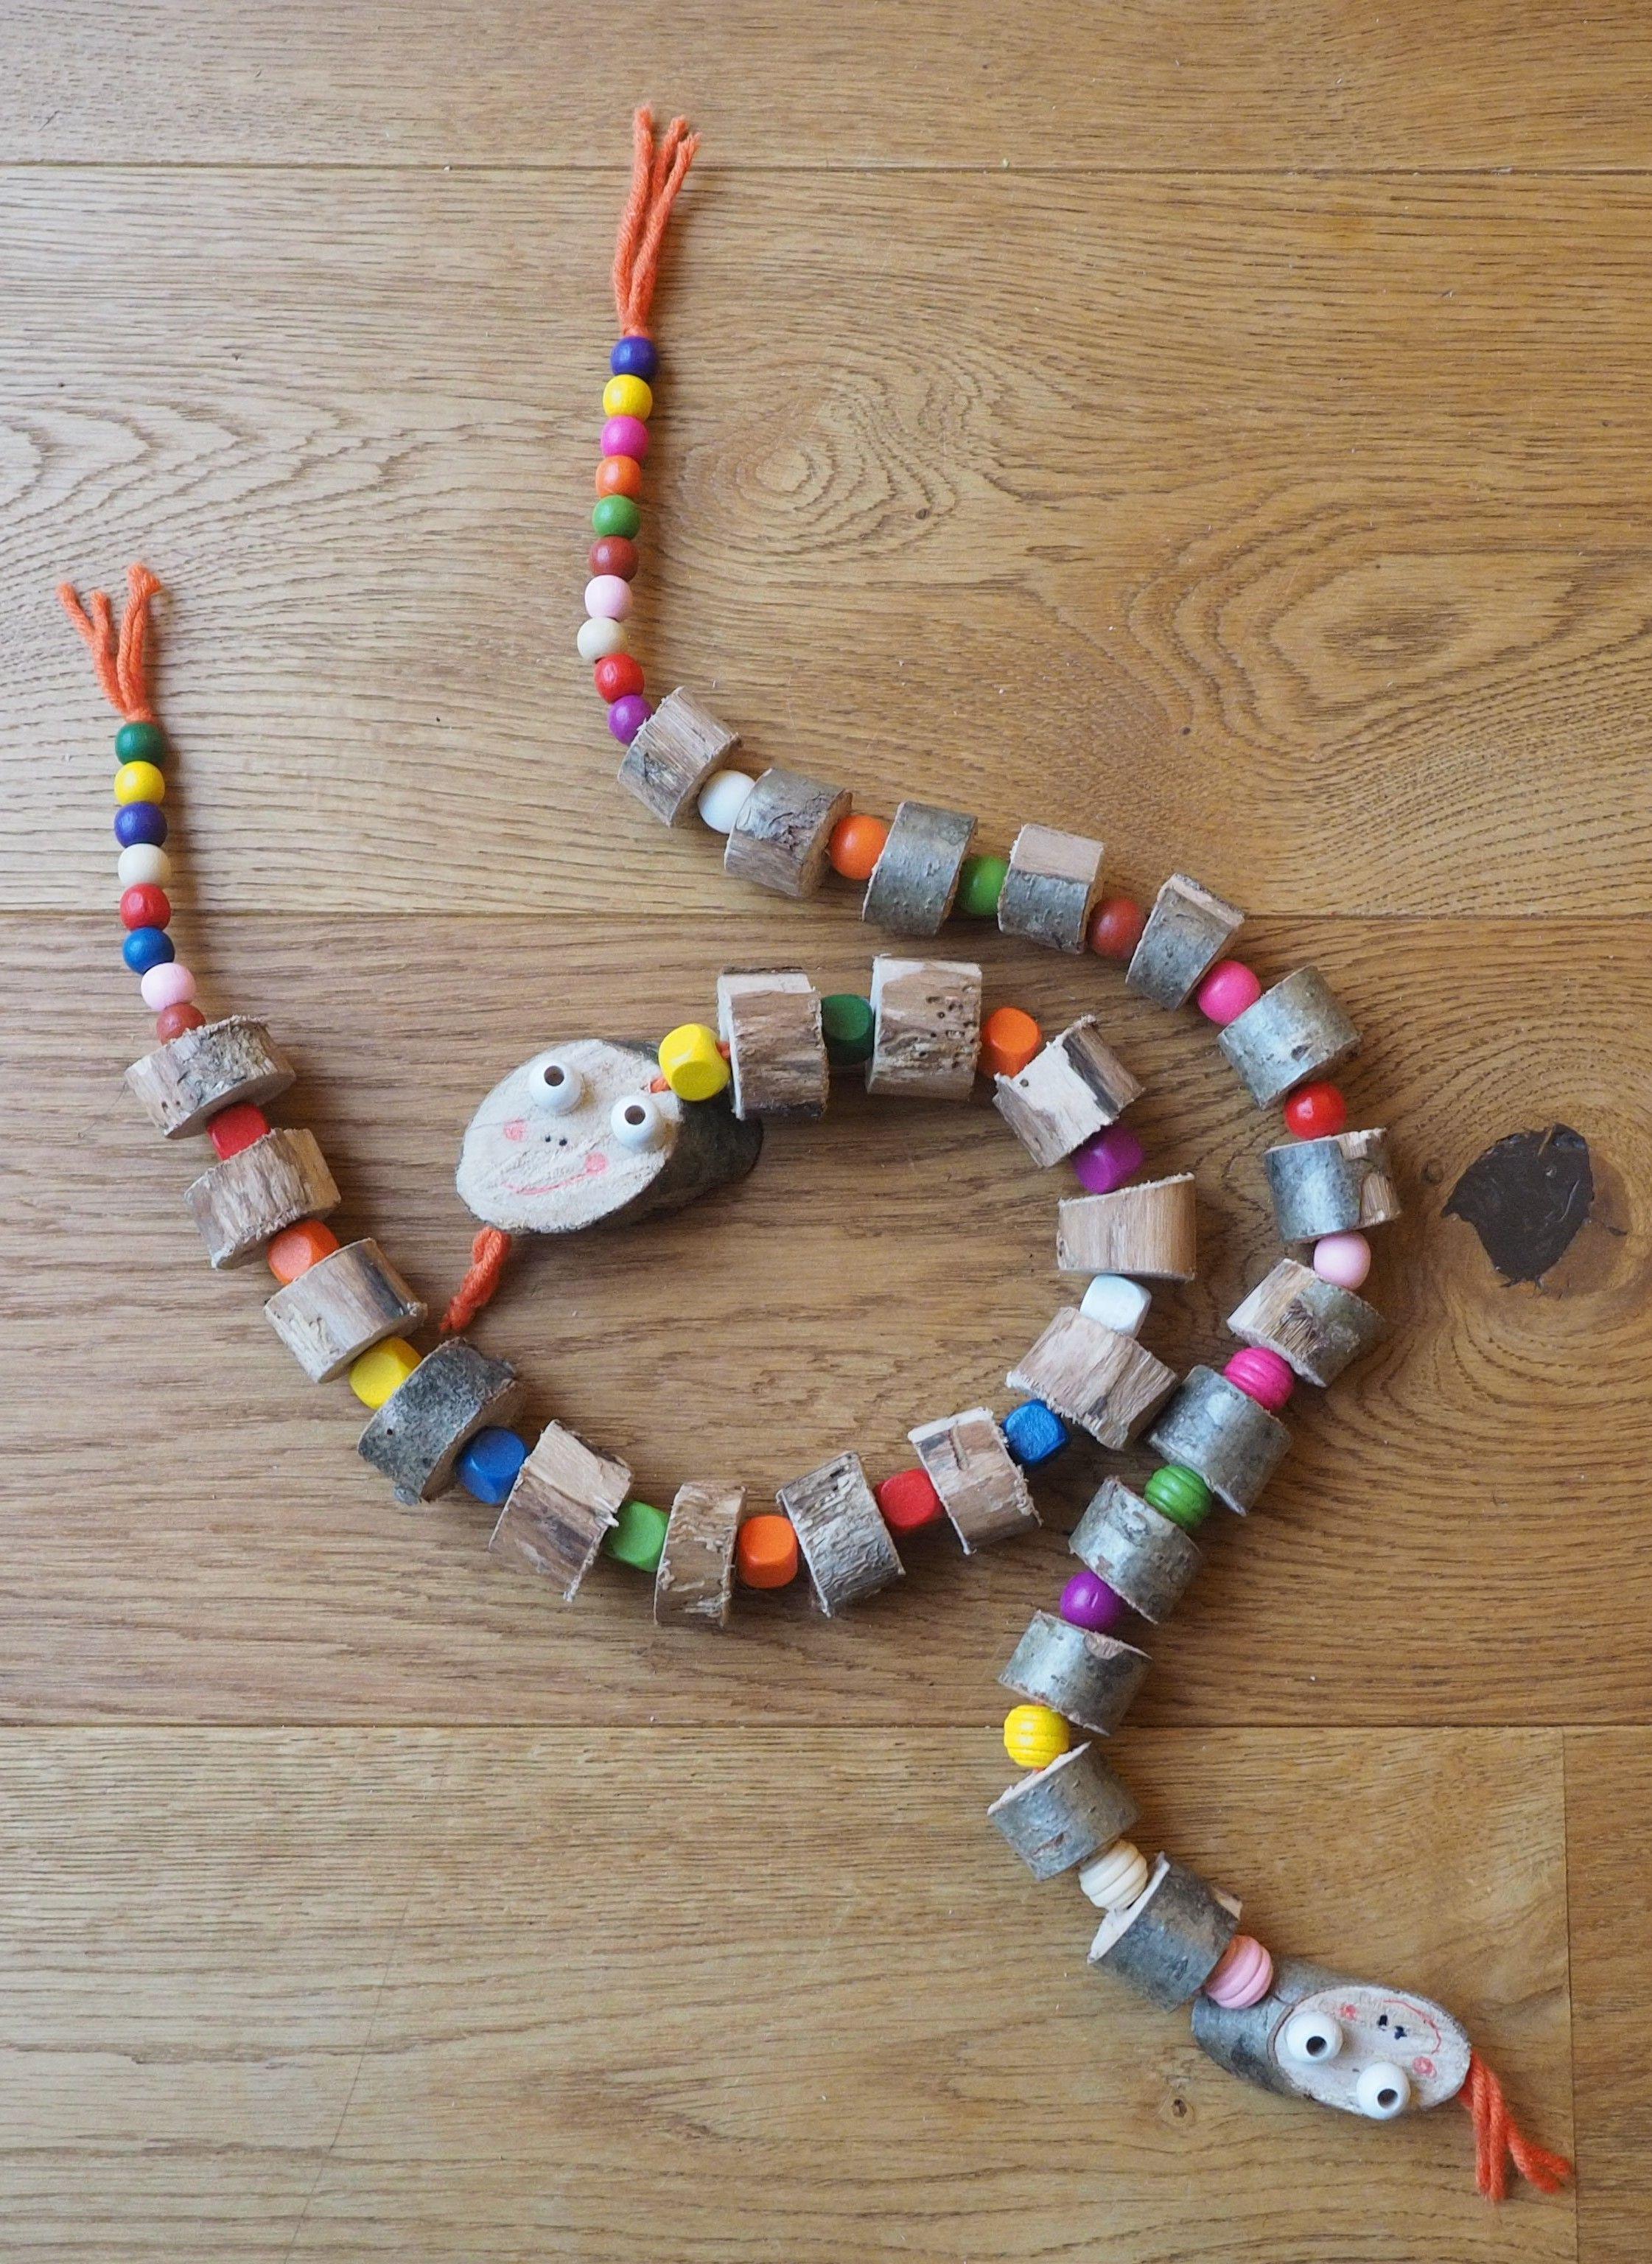 Diesen Holzwurm Muss Man Einfach Mogen Diy Mama Mal 3 In 2020 Kinder Basteln Holz Basteln Mit Kindern Basteln Mit Naturmaterialien